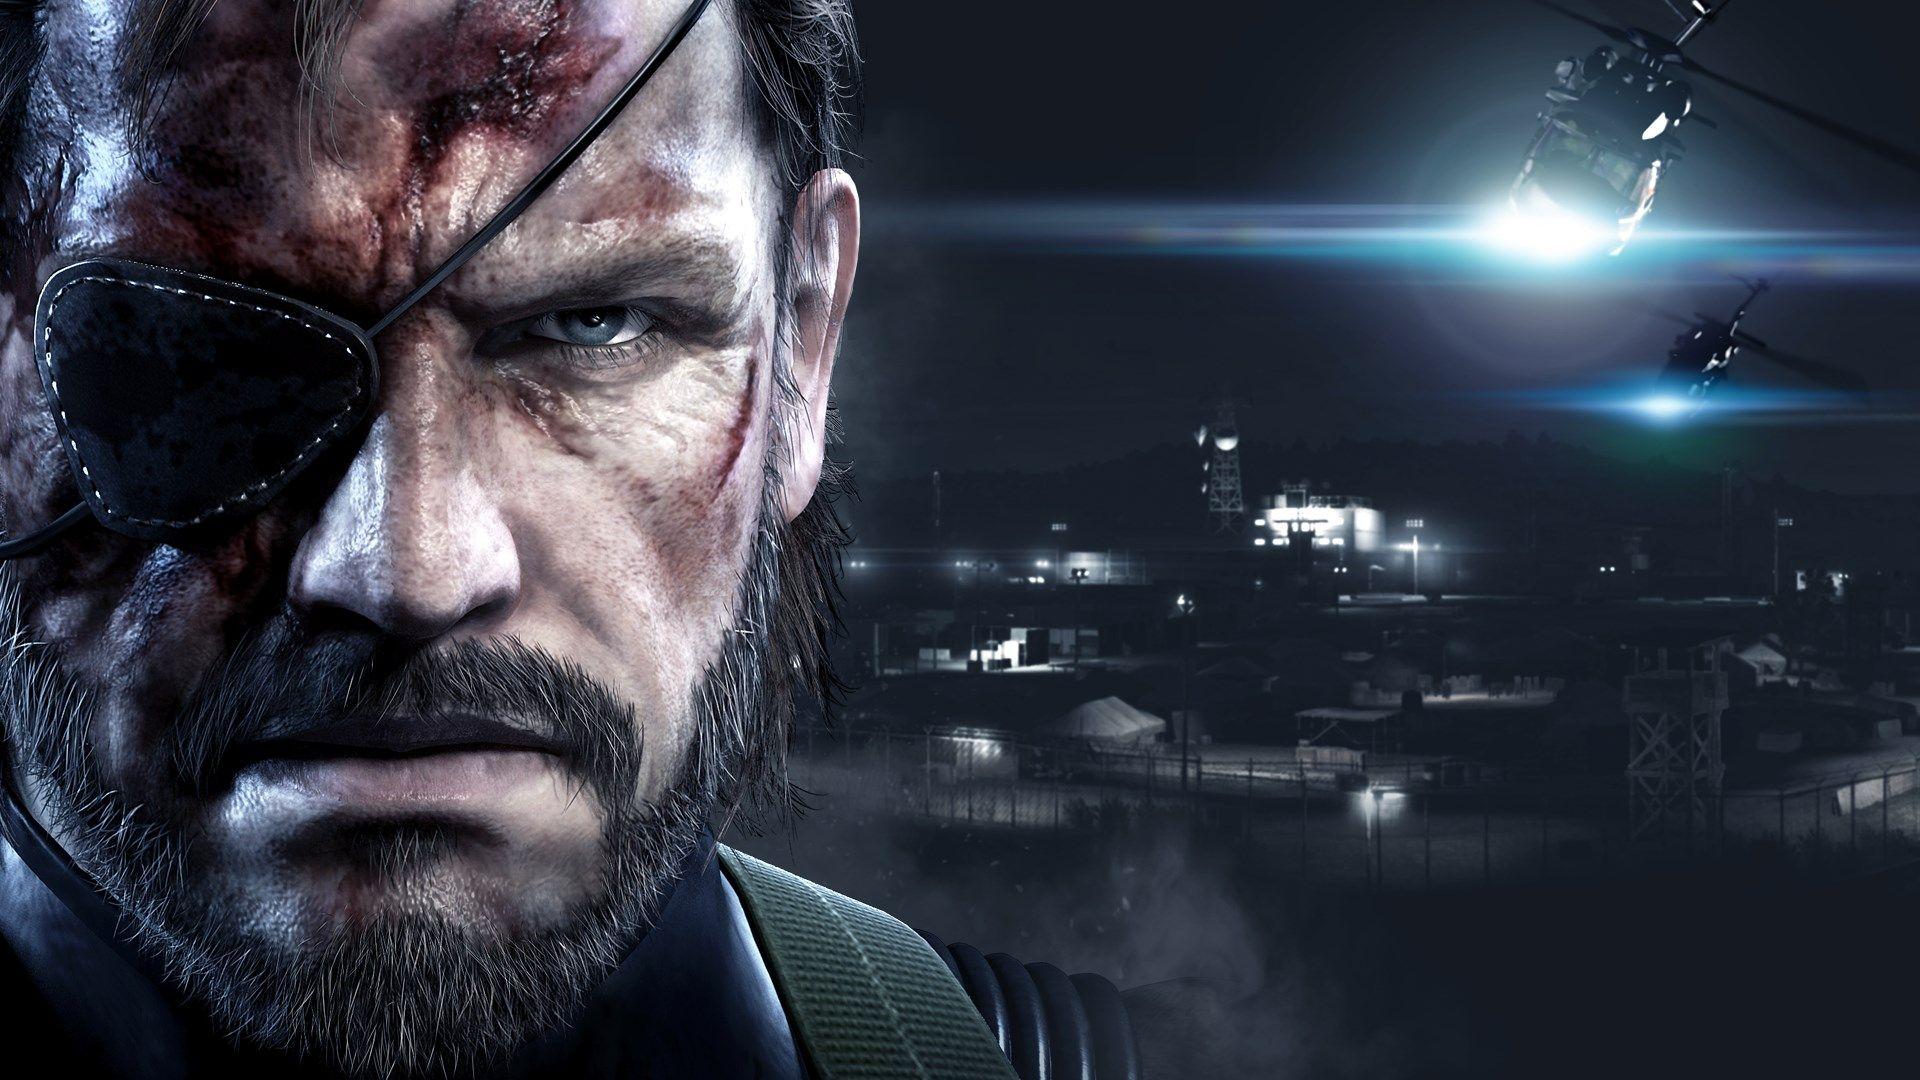 [Microsoft Store Deutschland] [XBOX] Metal Gear Solid V: Ground Zeroes Xbox One / Xbox One X / Xbox Series X / Xbox Series S